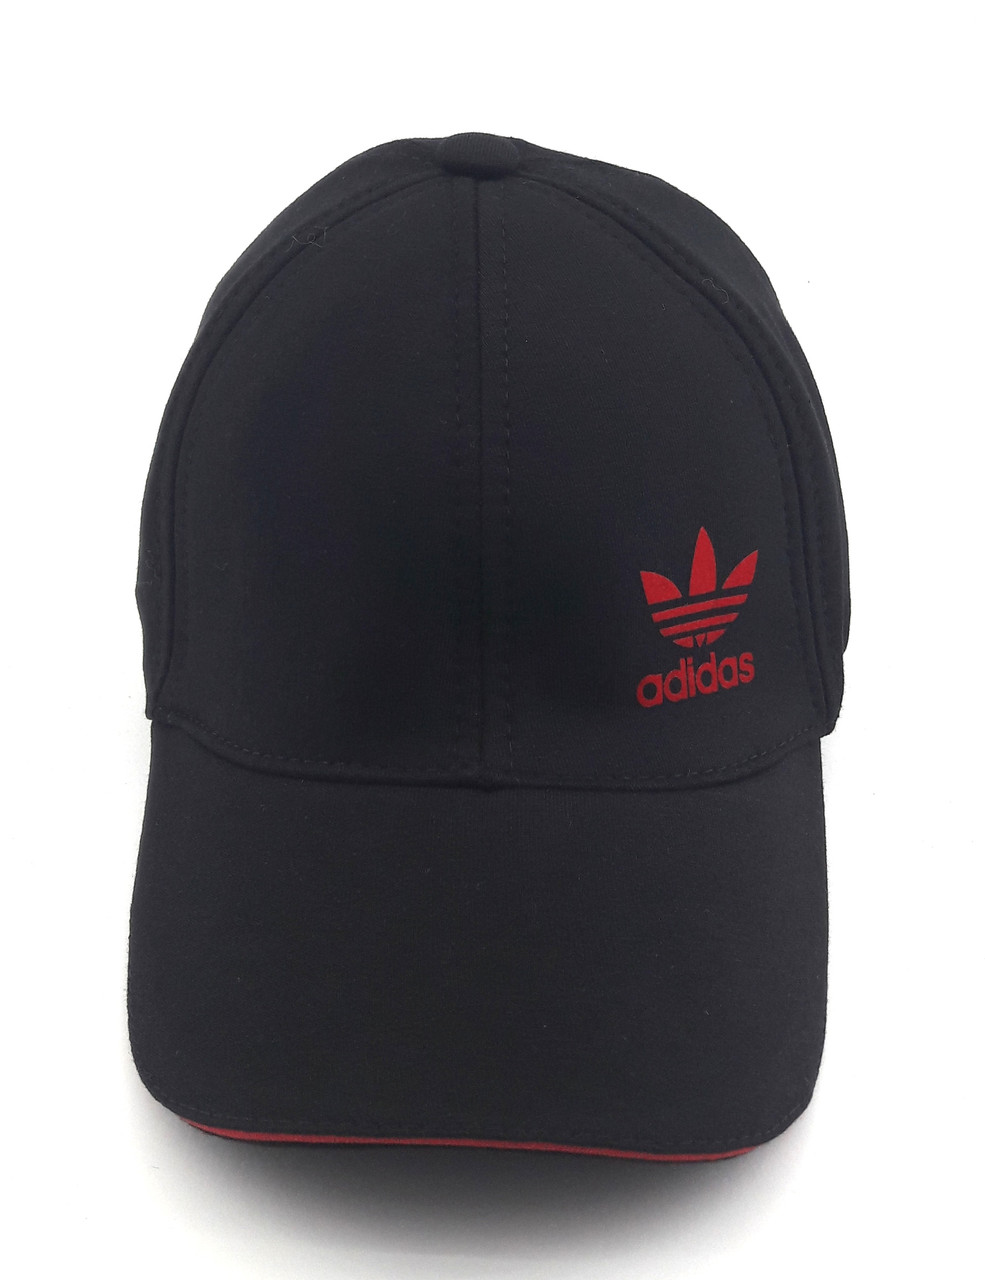 Бейсболка мужская Adidas трикотаж мелкая посадка - Всегда что-то особенное!  По отличным ценам d484e285c64b2